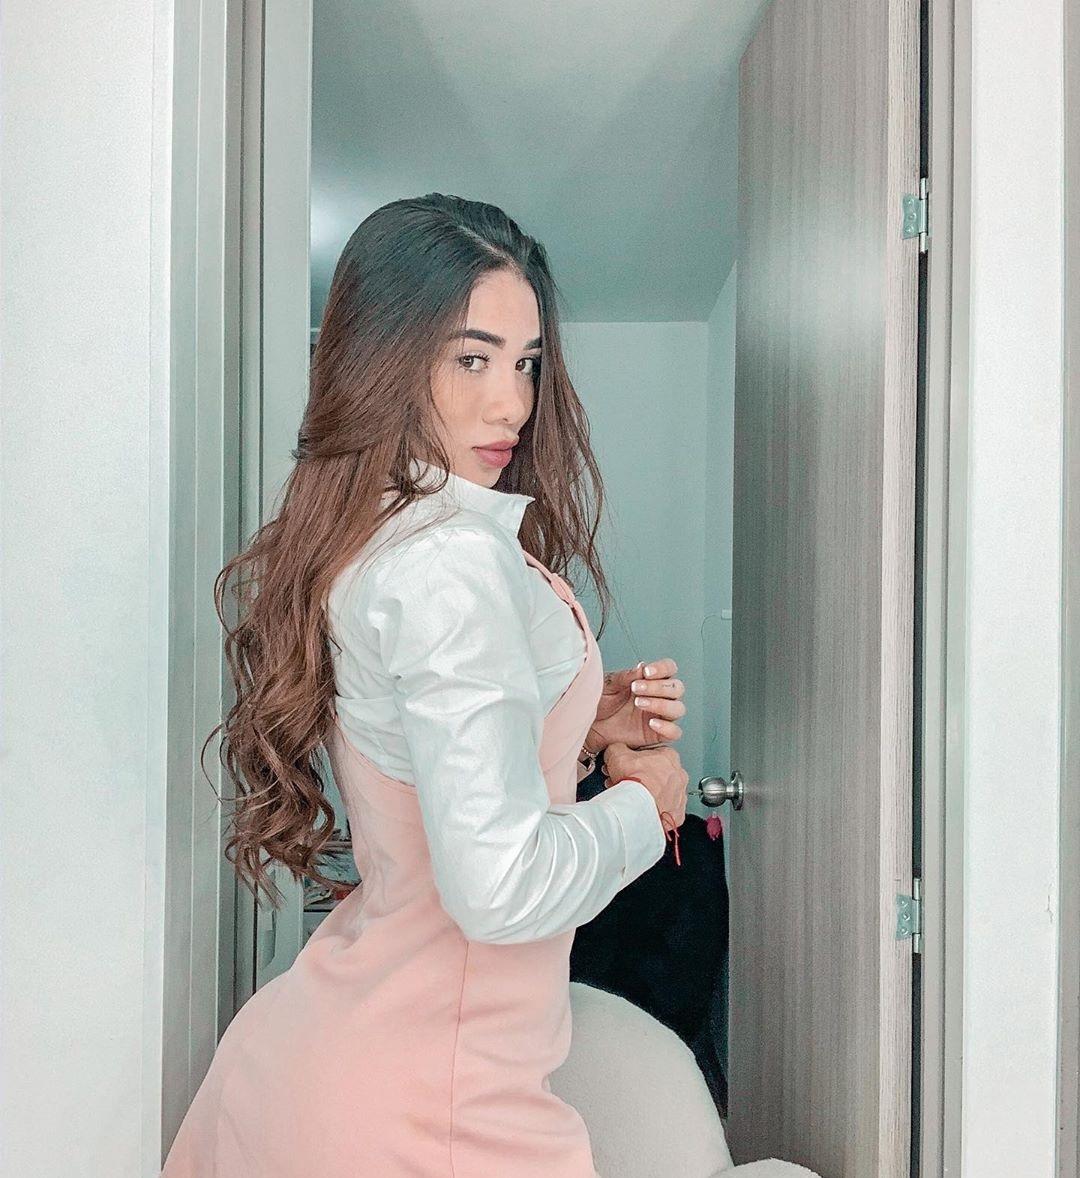 Juliana-Gomez-Wallpapers-Insta-Biography-3